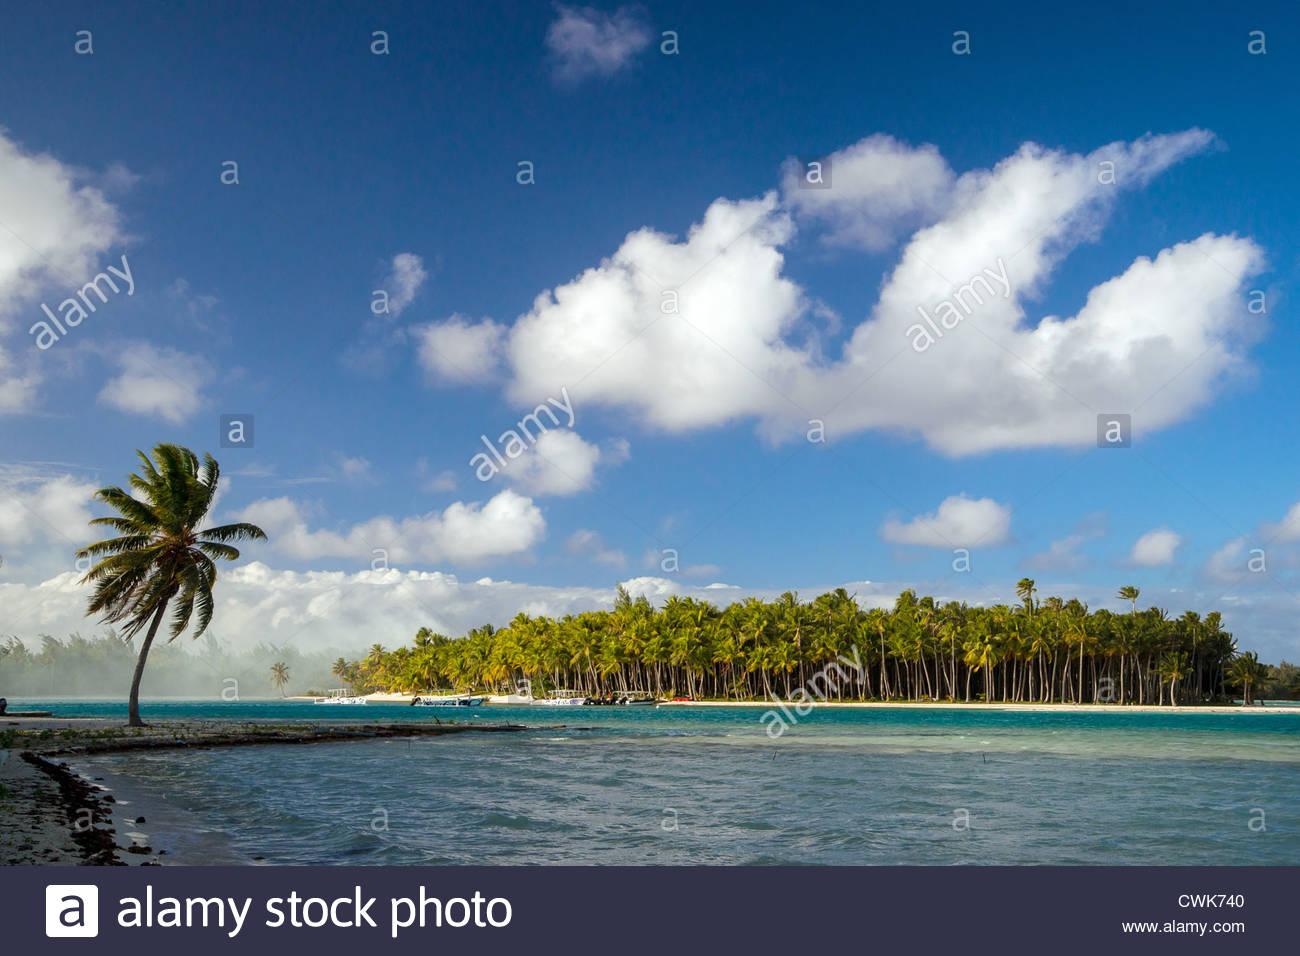 Bora Bora island (French Polynesia) Stock Photo